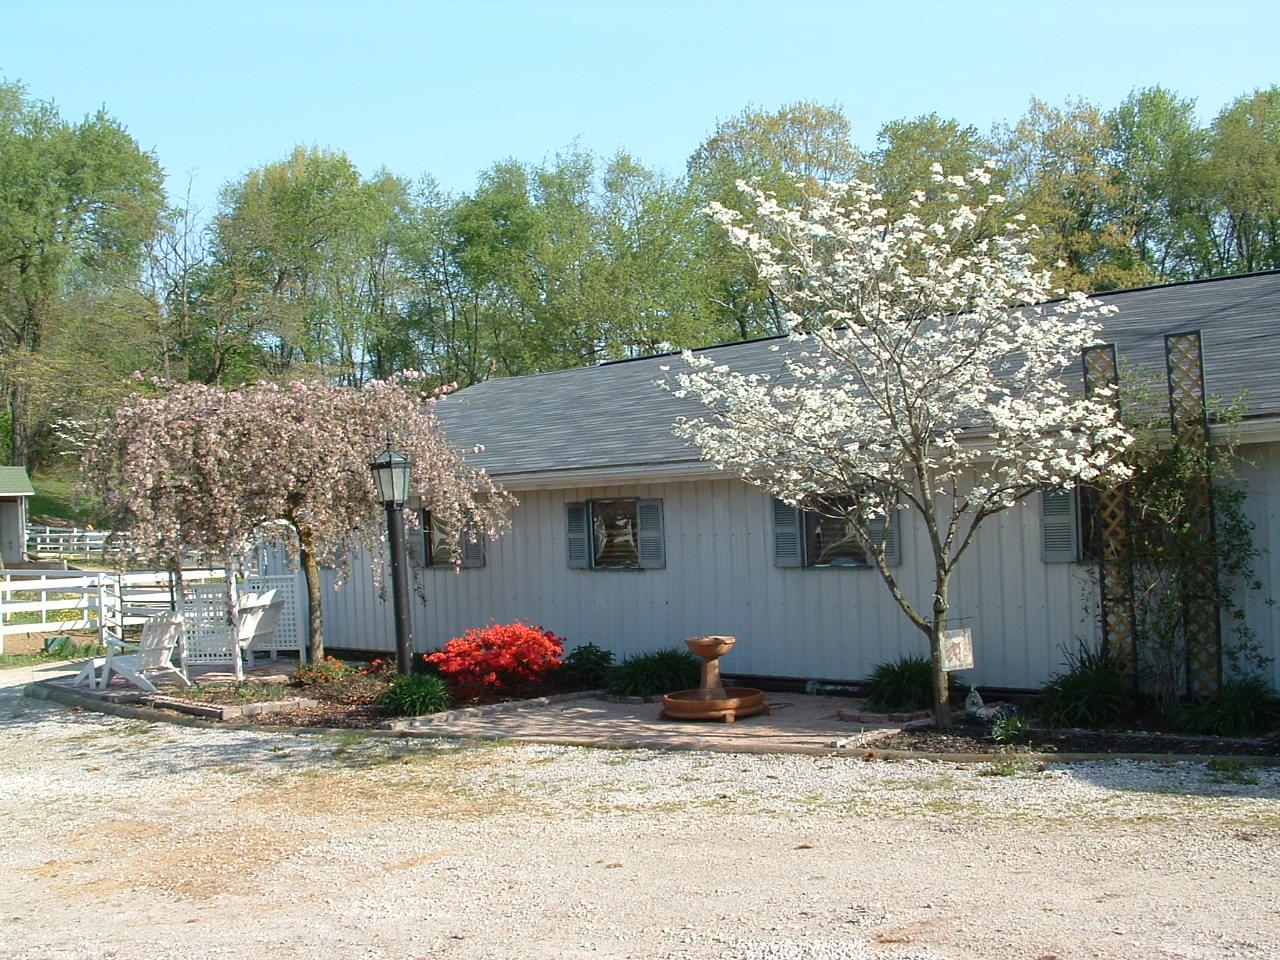 BROSCH'S STABLE, 10323 Kent Ave NE, HARTVILLE, Oh, 44632-94, United States